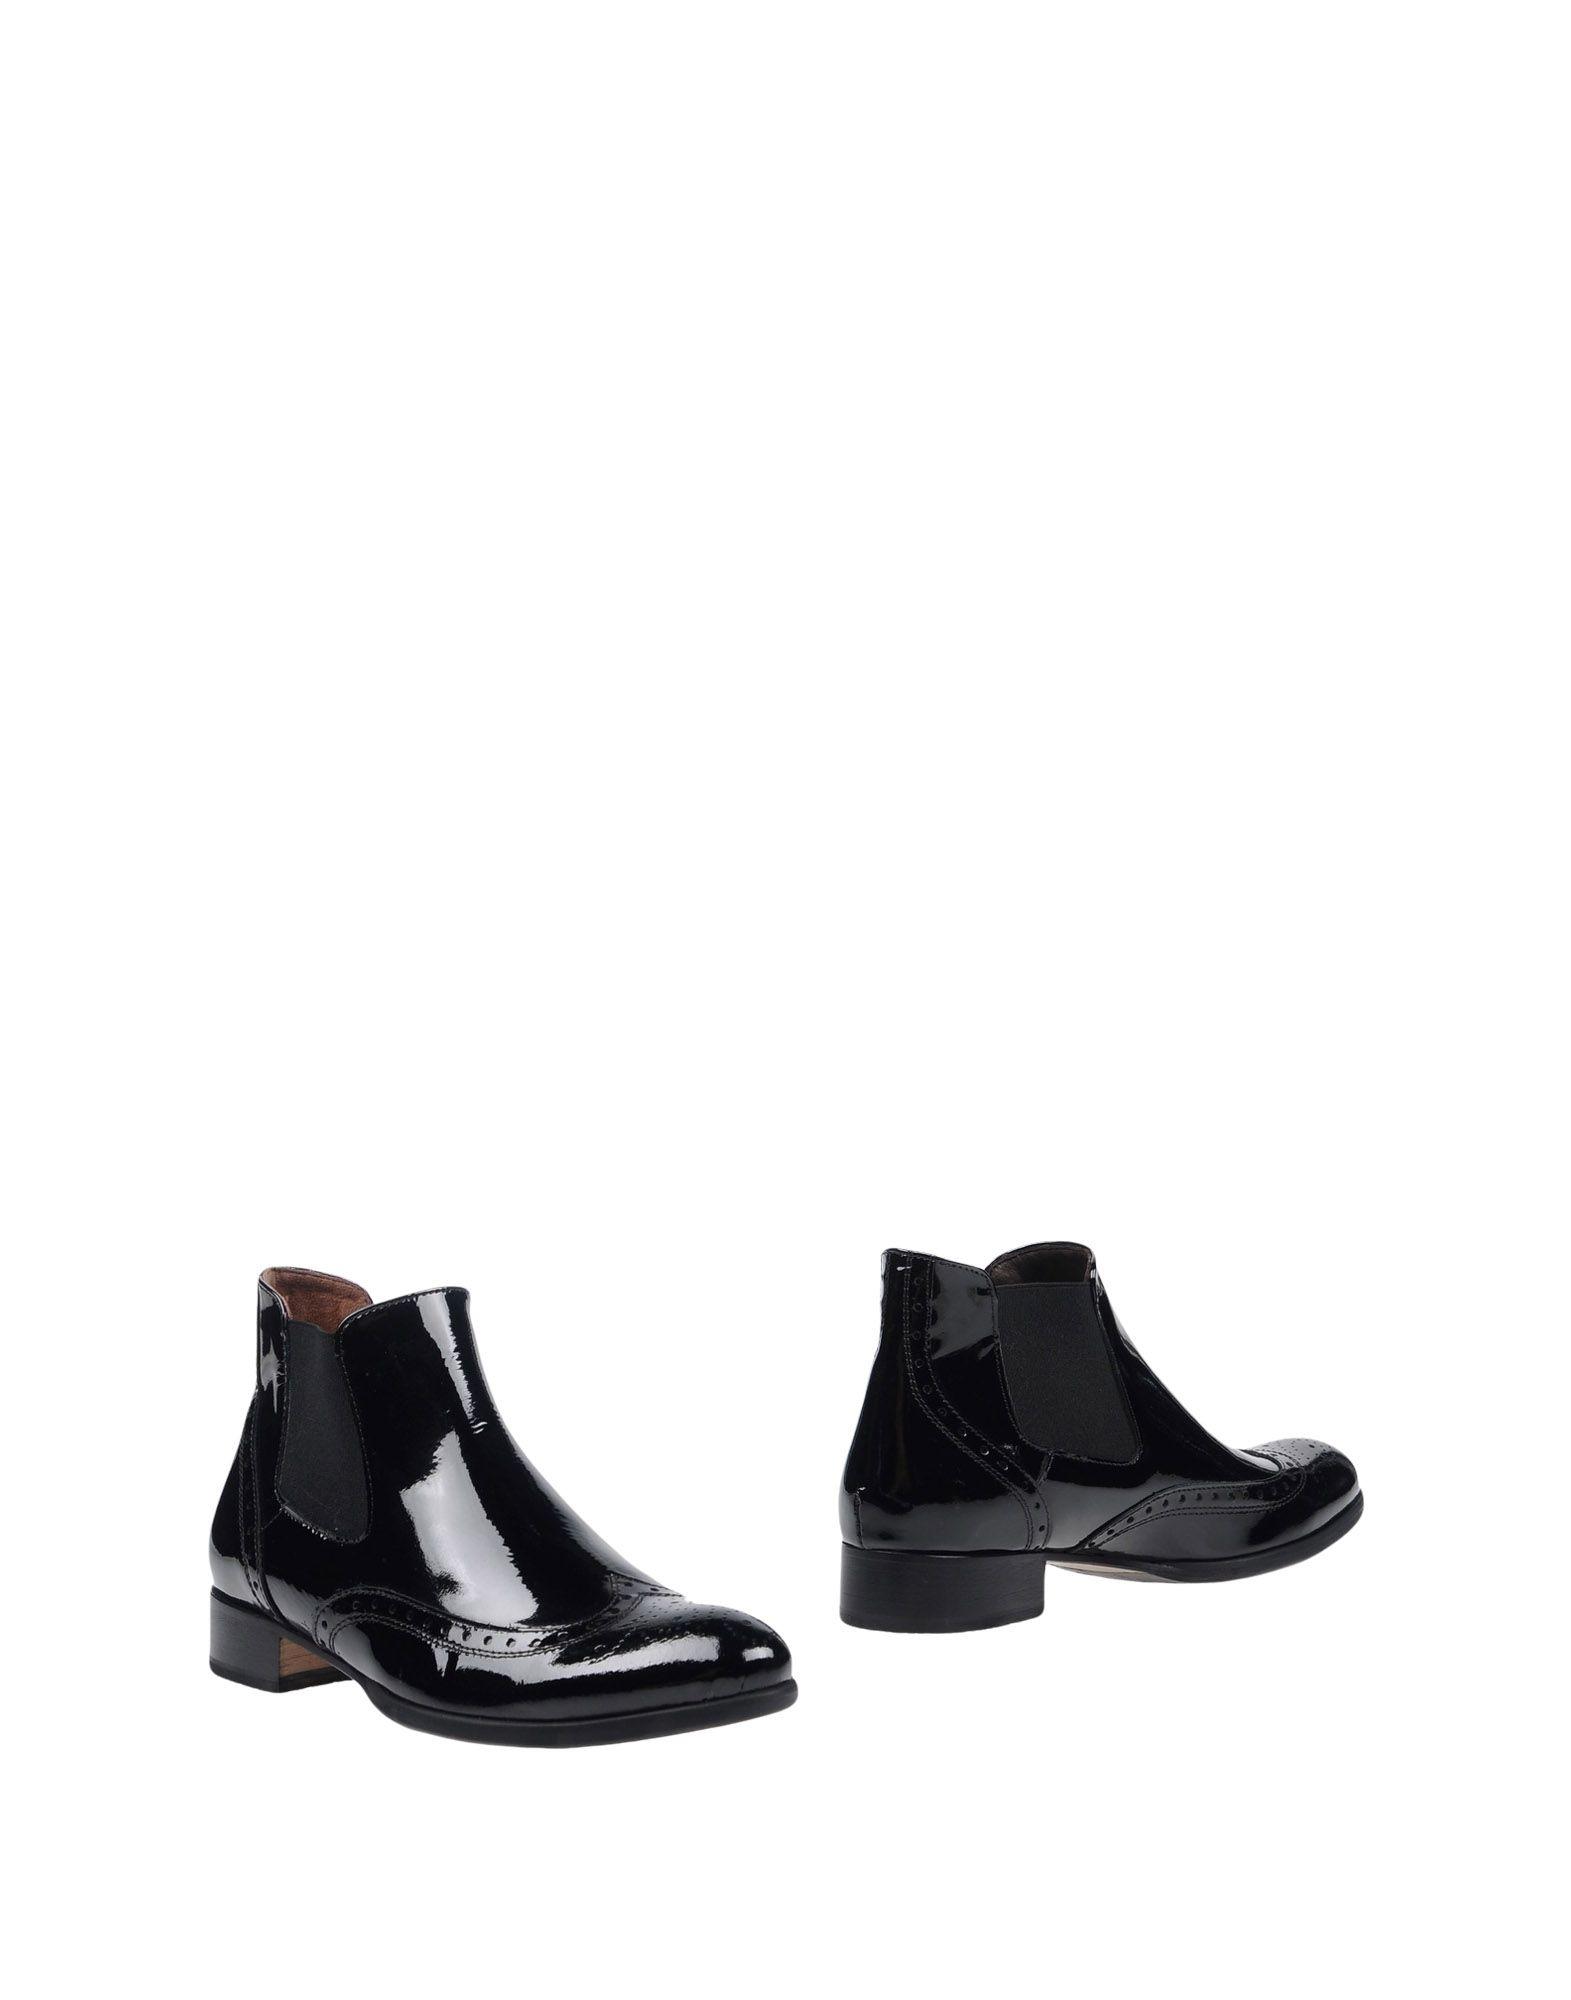 Gut Chelsea um billige Schuhe zu tragenCalpierre Chelsea Gut Boots Damen  11459931WS 6b6788